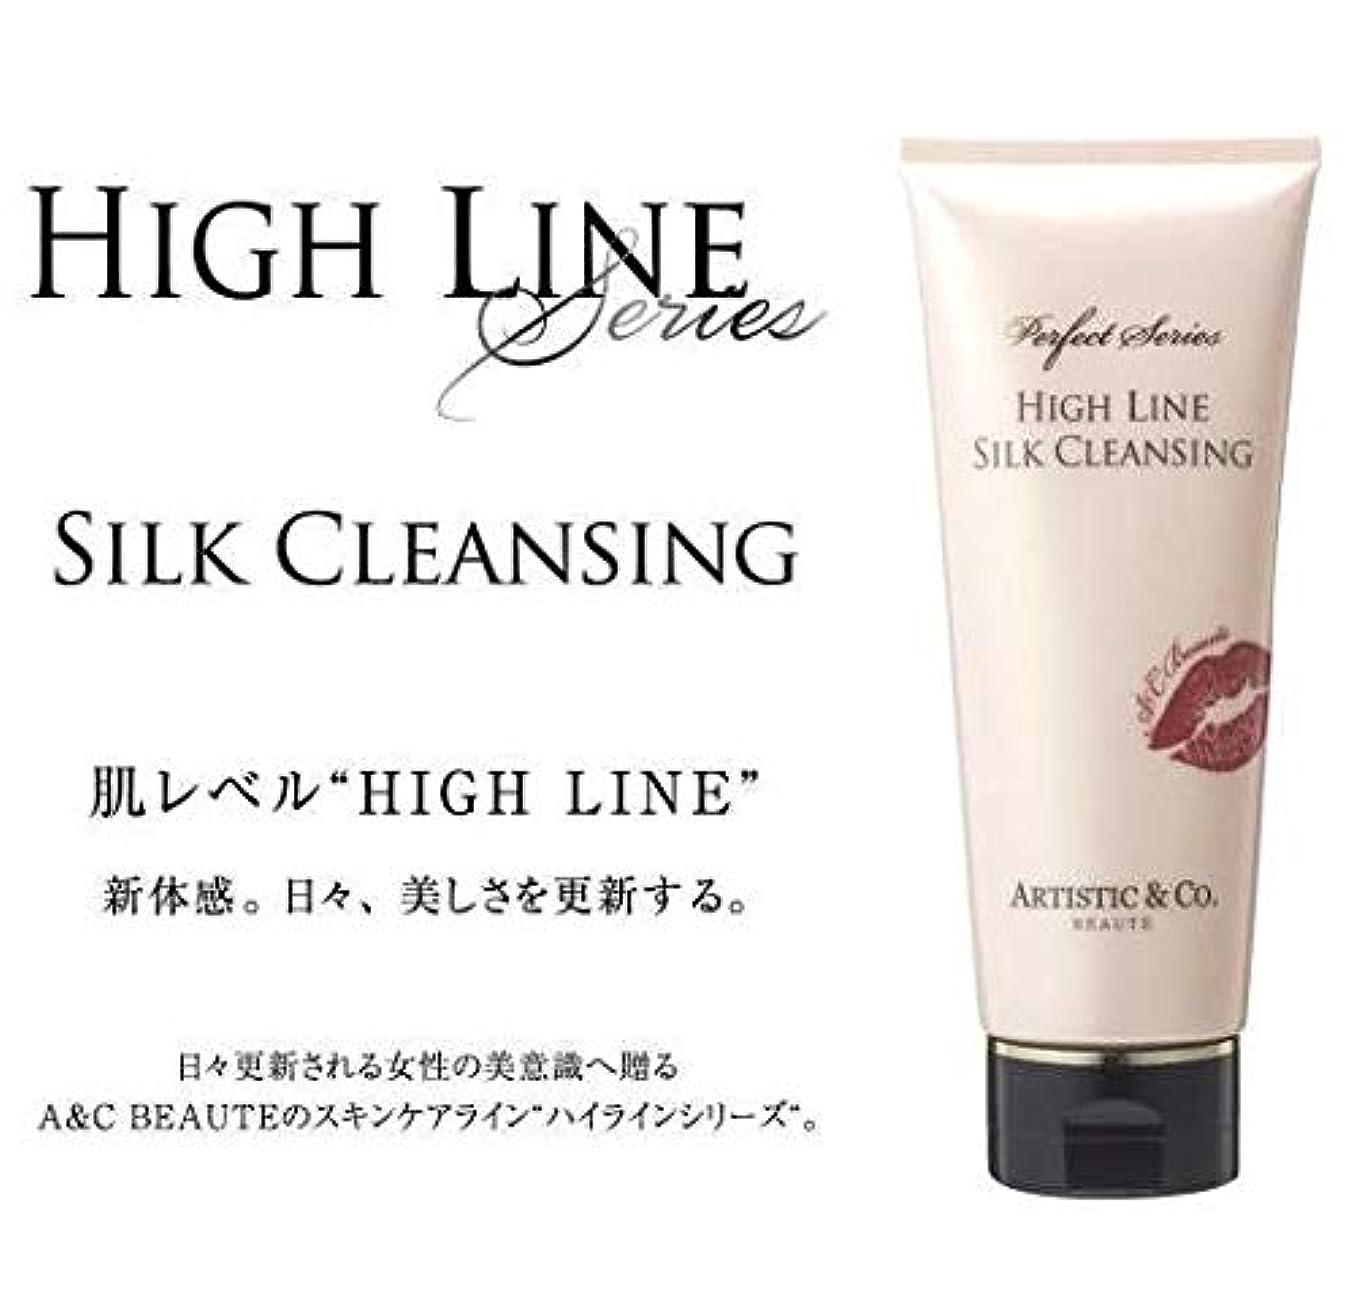 豪華な男東ARTISTIC&CO. (アーティスティック) HIGH LINE SILK CLEANSING ハイライン シルククレンジングジェル 200g レディス メンズ洗顔 美容液クレンジング